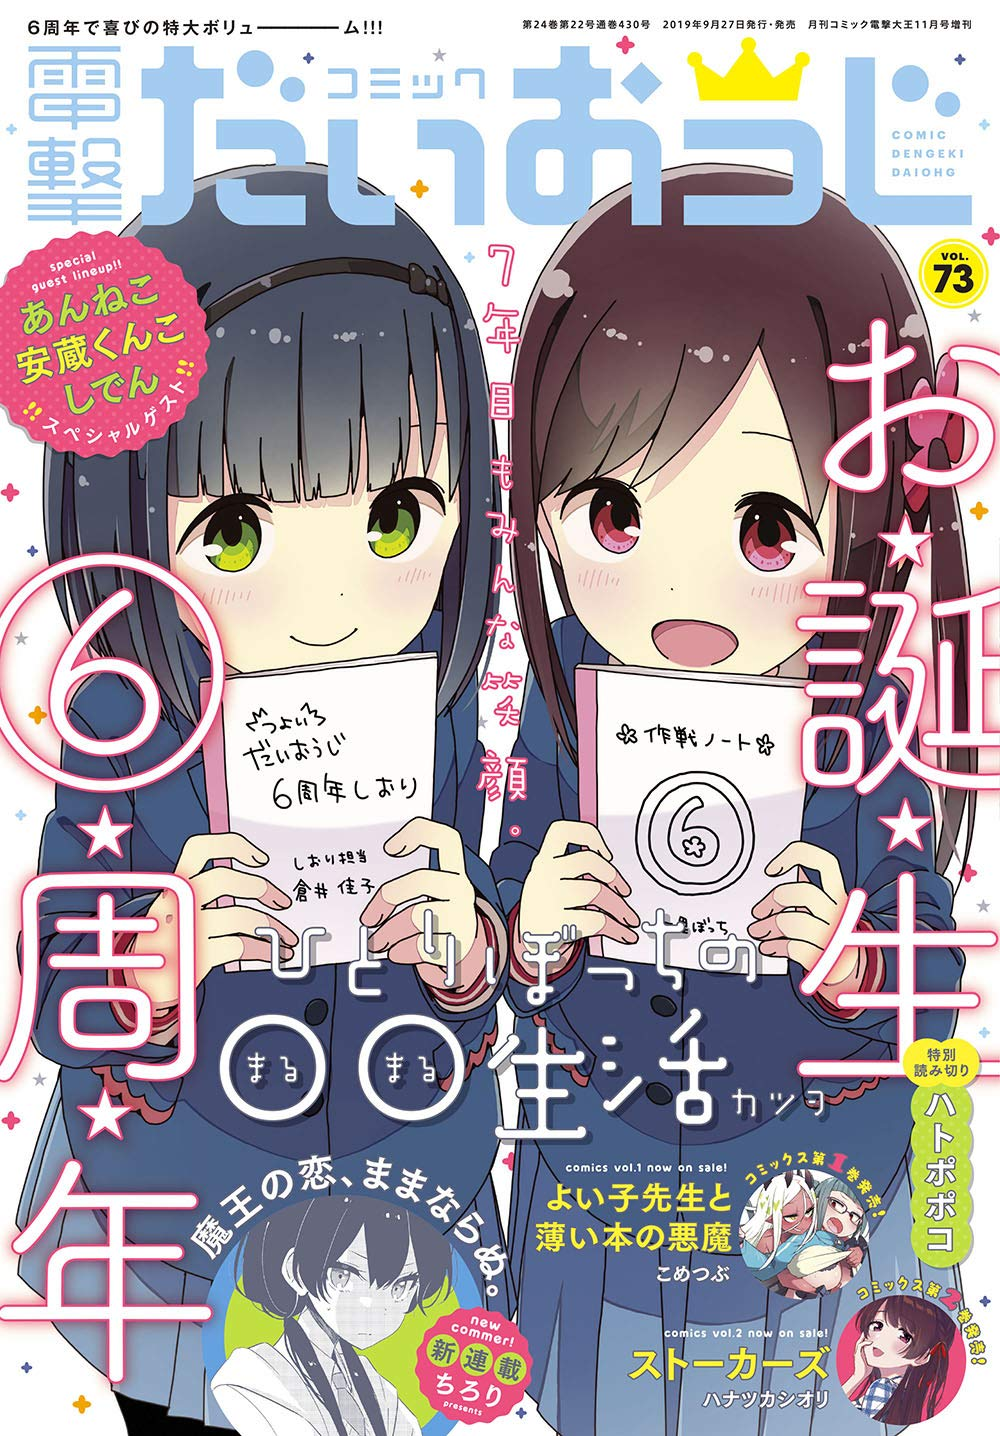 電撃だいおうじ Vol.73